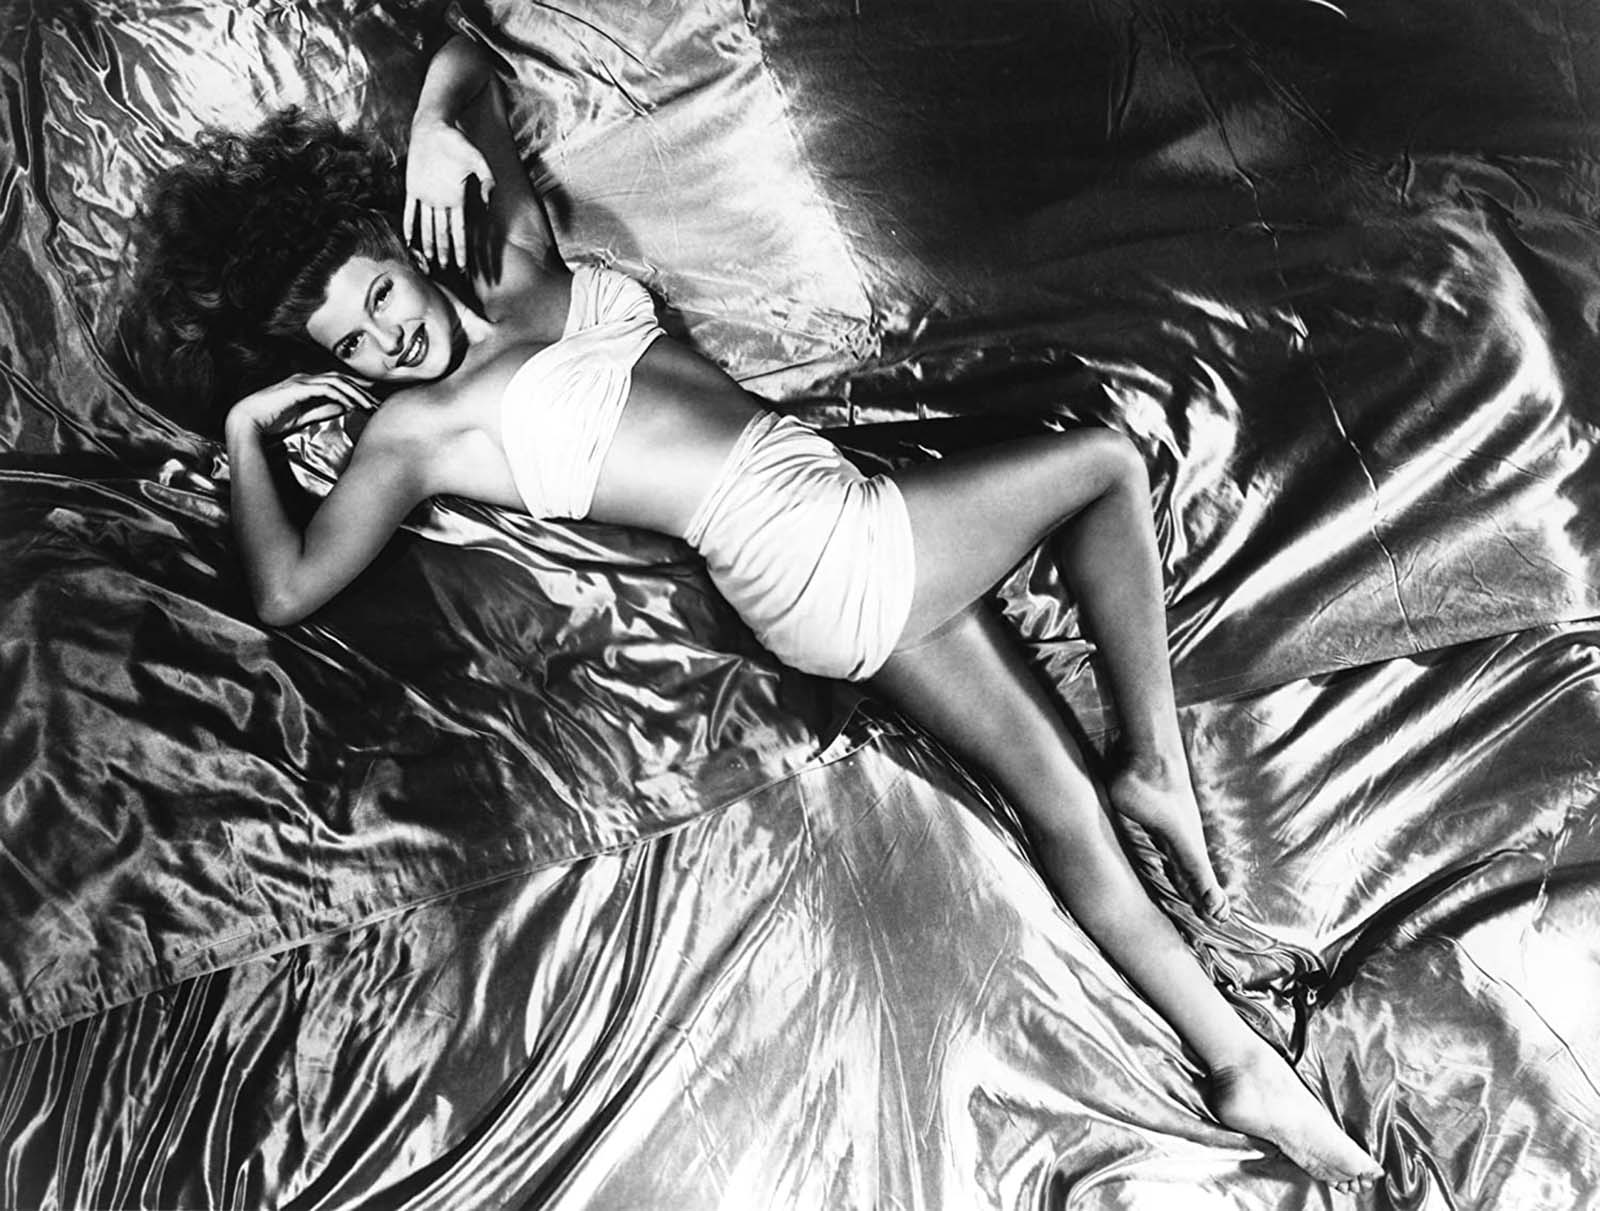 L'histoire derrière la photo de pin-up emblématique de Rita Hayworth, 1941